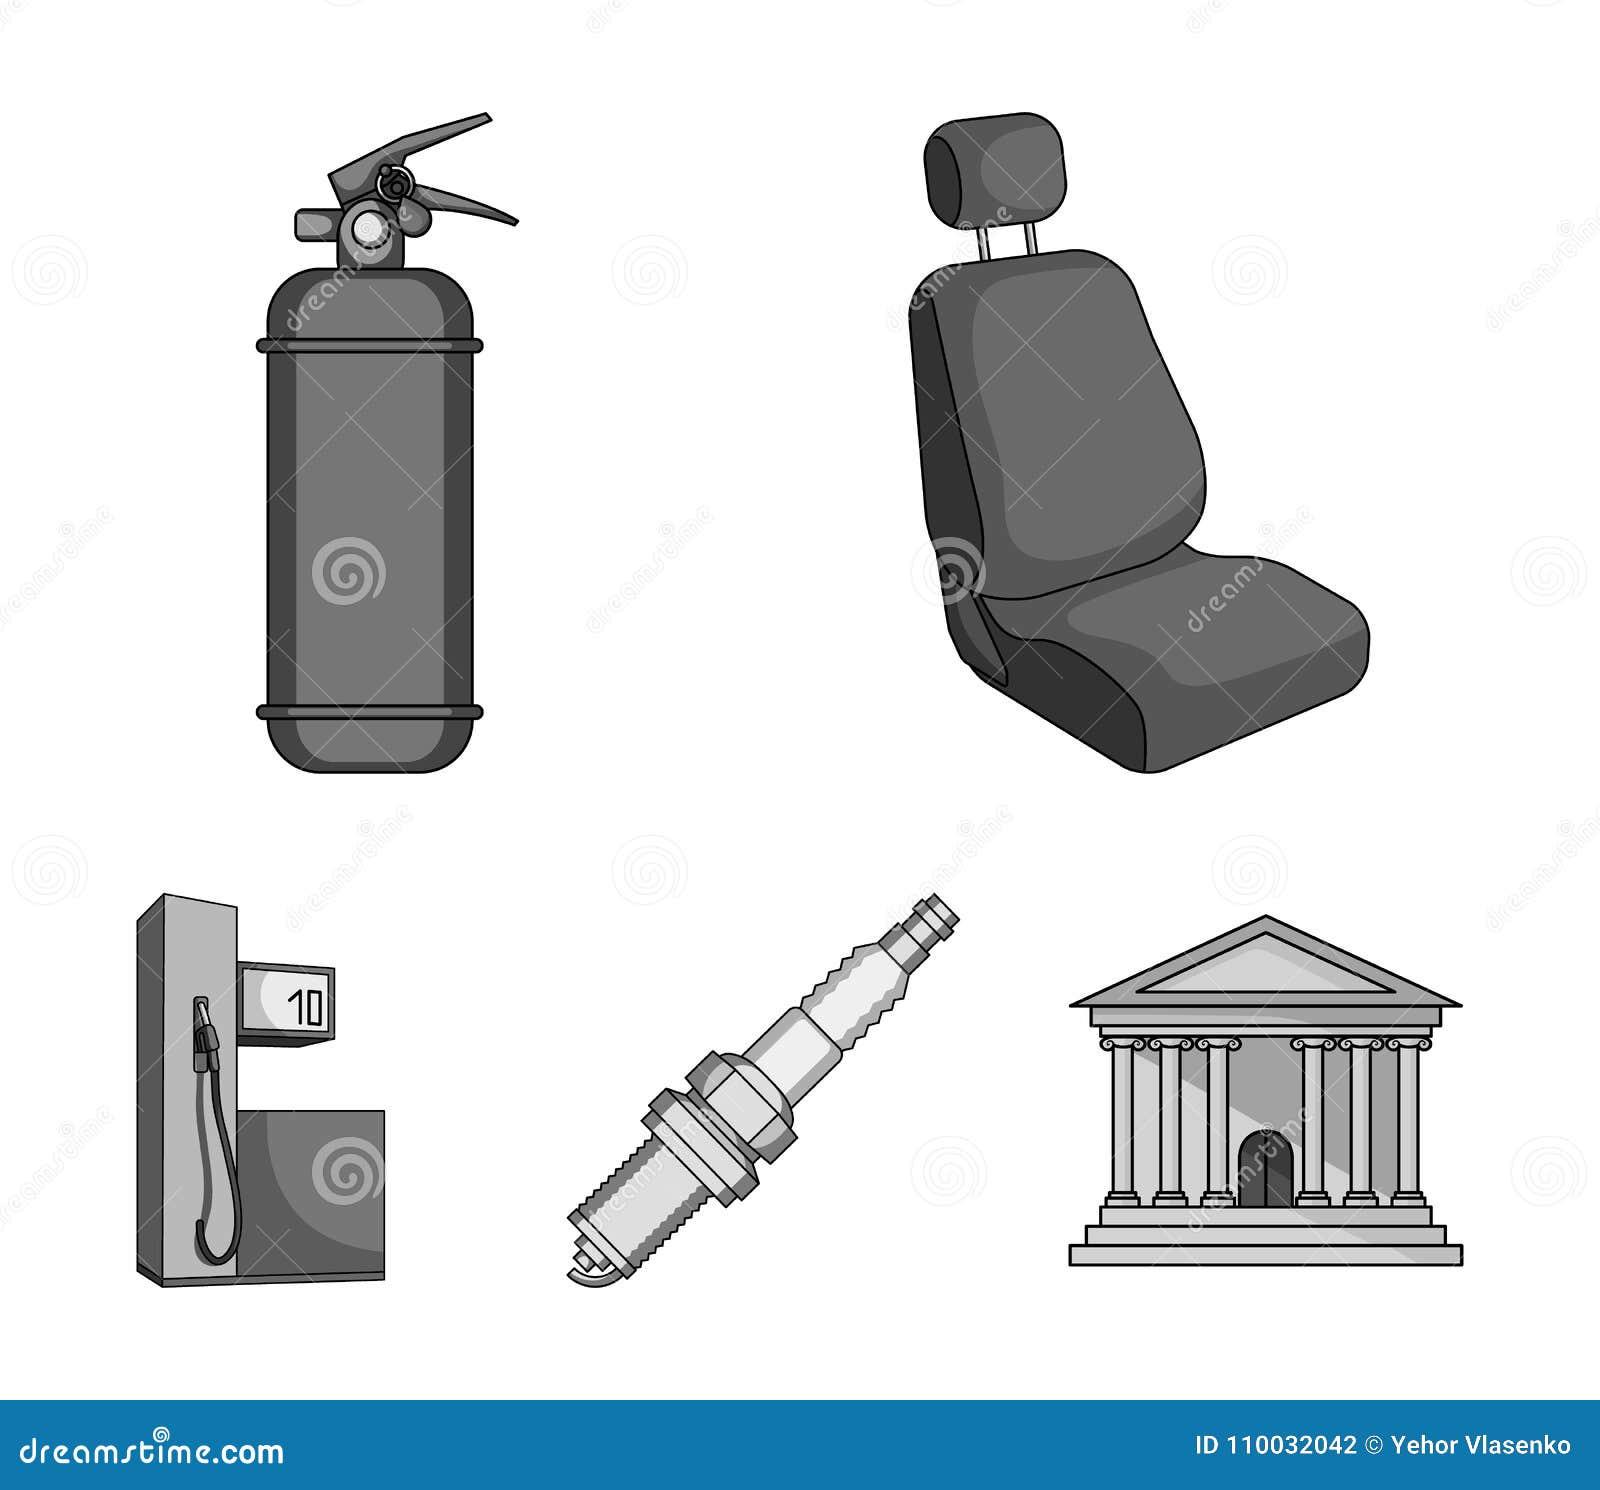 Stoel met hoofdsteun, brandblusapparaat, autokaars, benzinepost, pictogrammen van de Auto de vastgestelde inzameling in zwart-wit